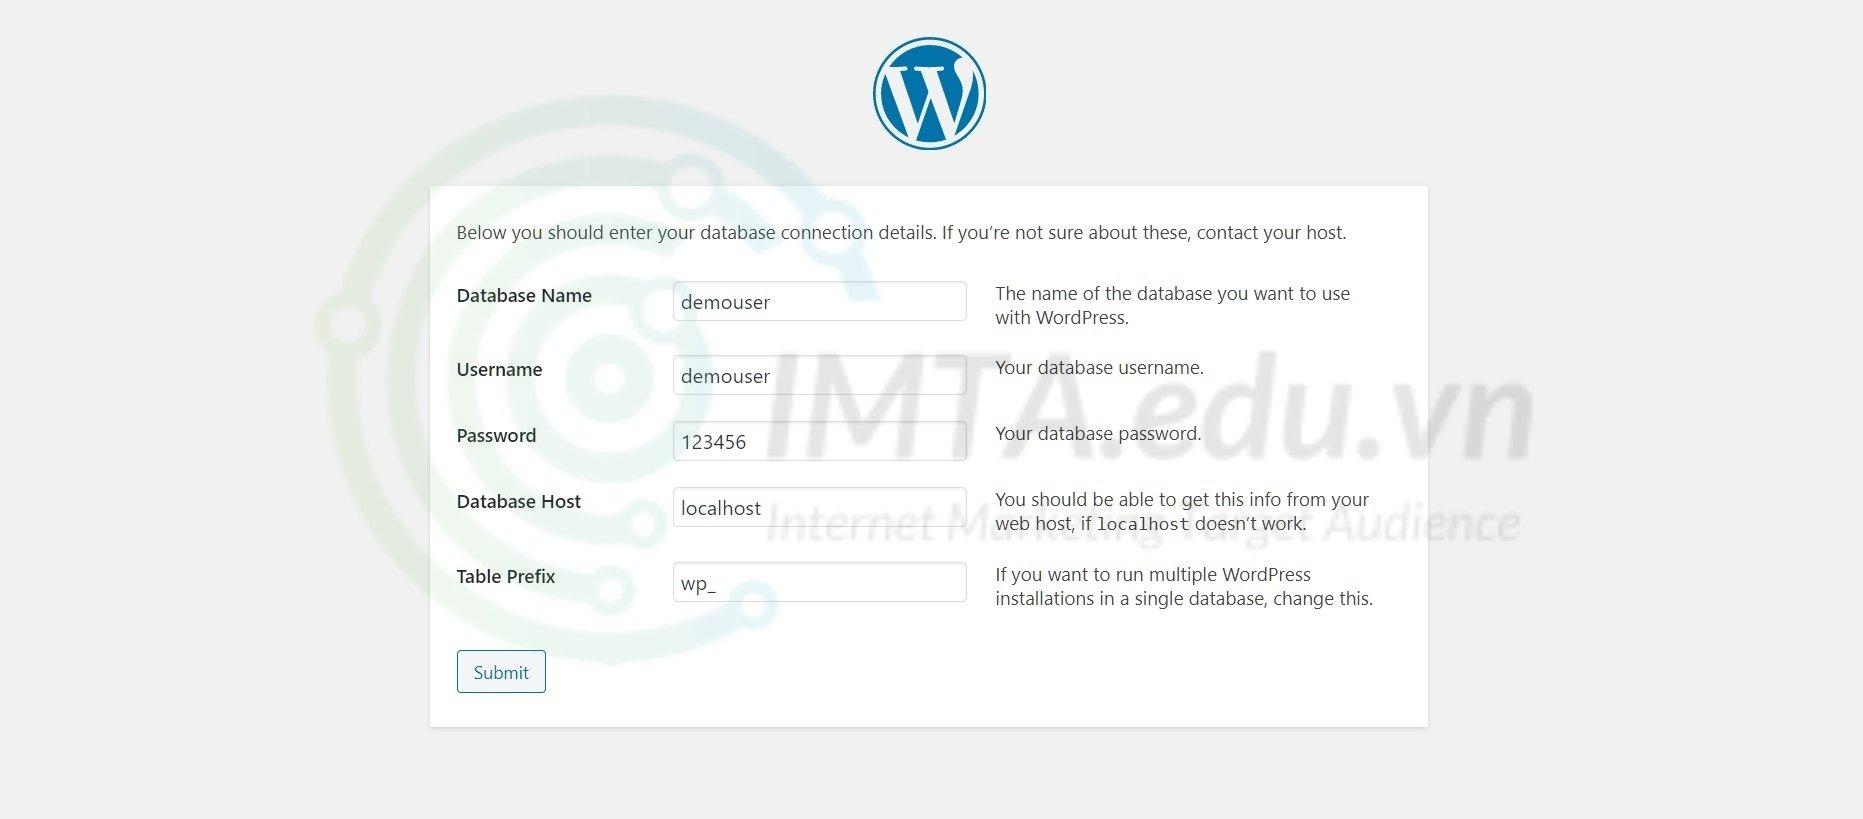 Điền thông tin cài đặt WordPress